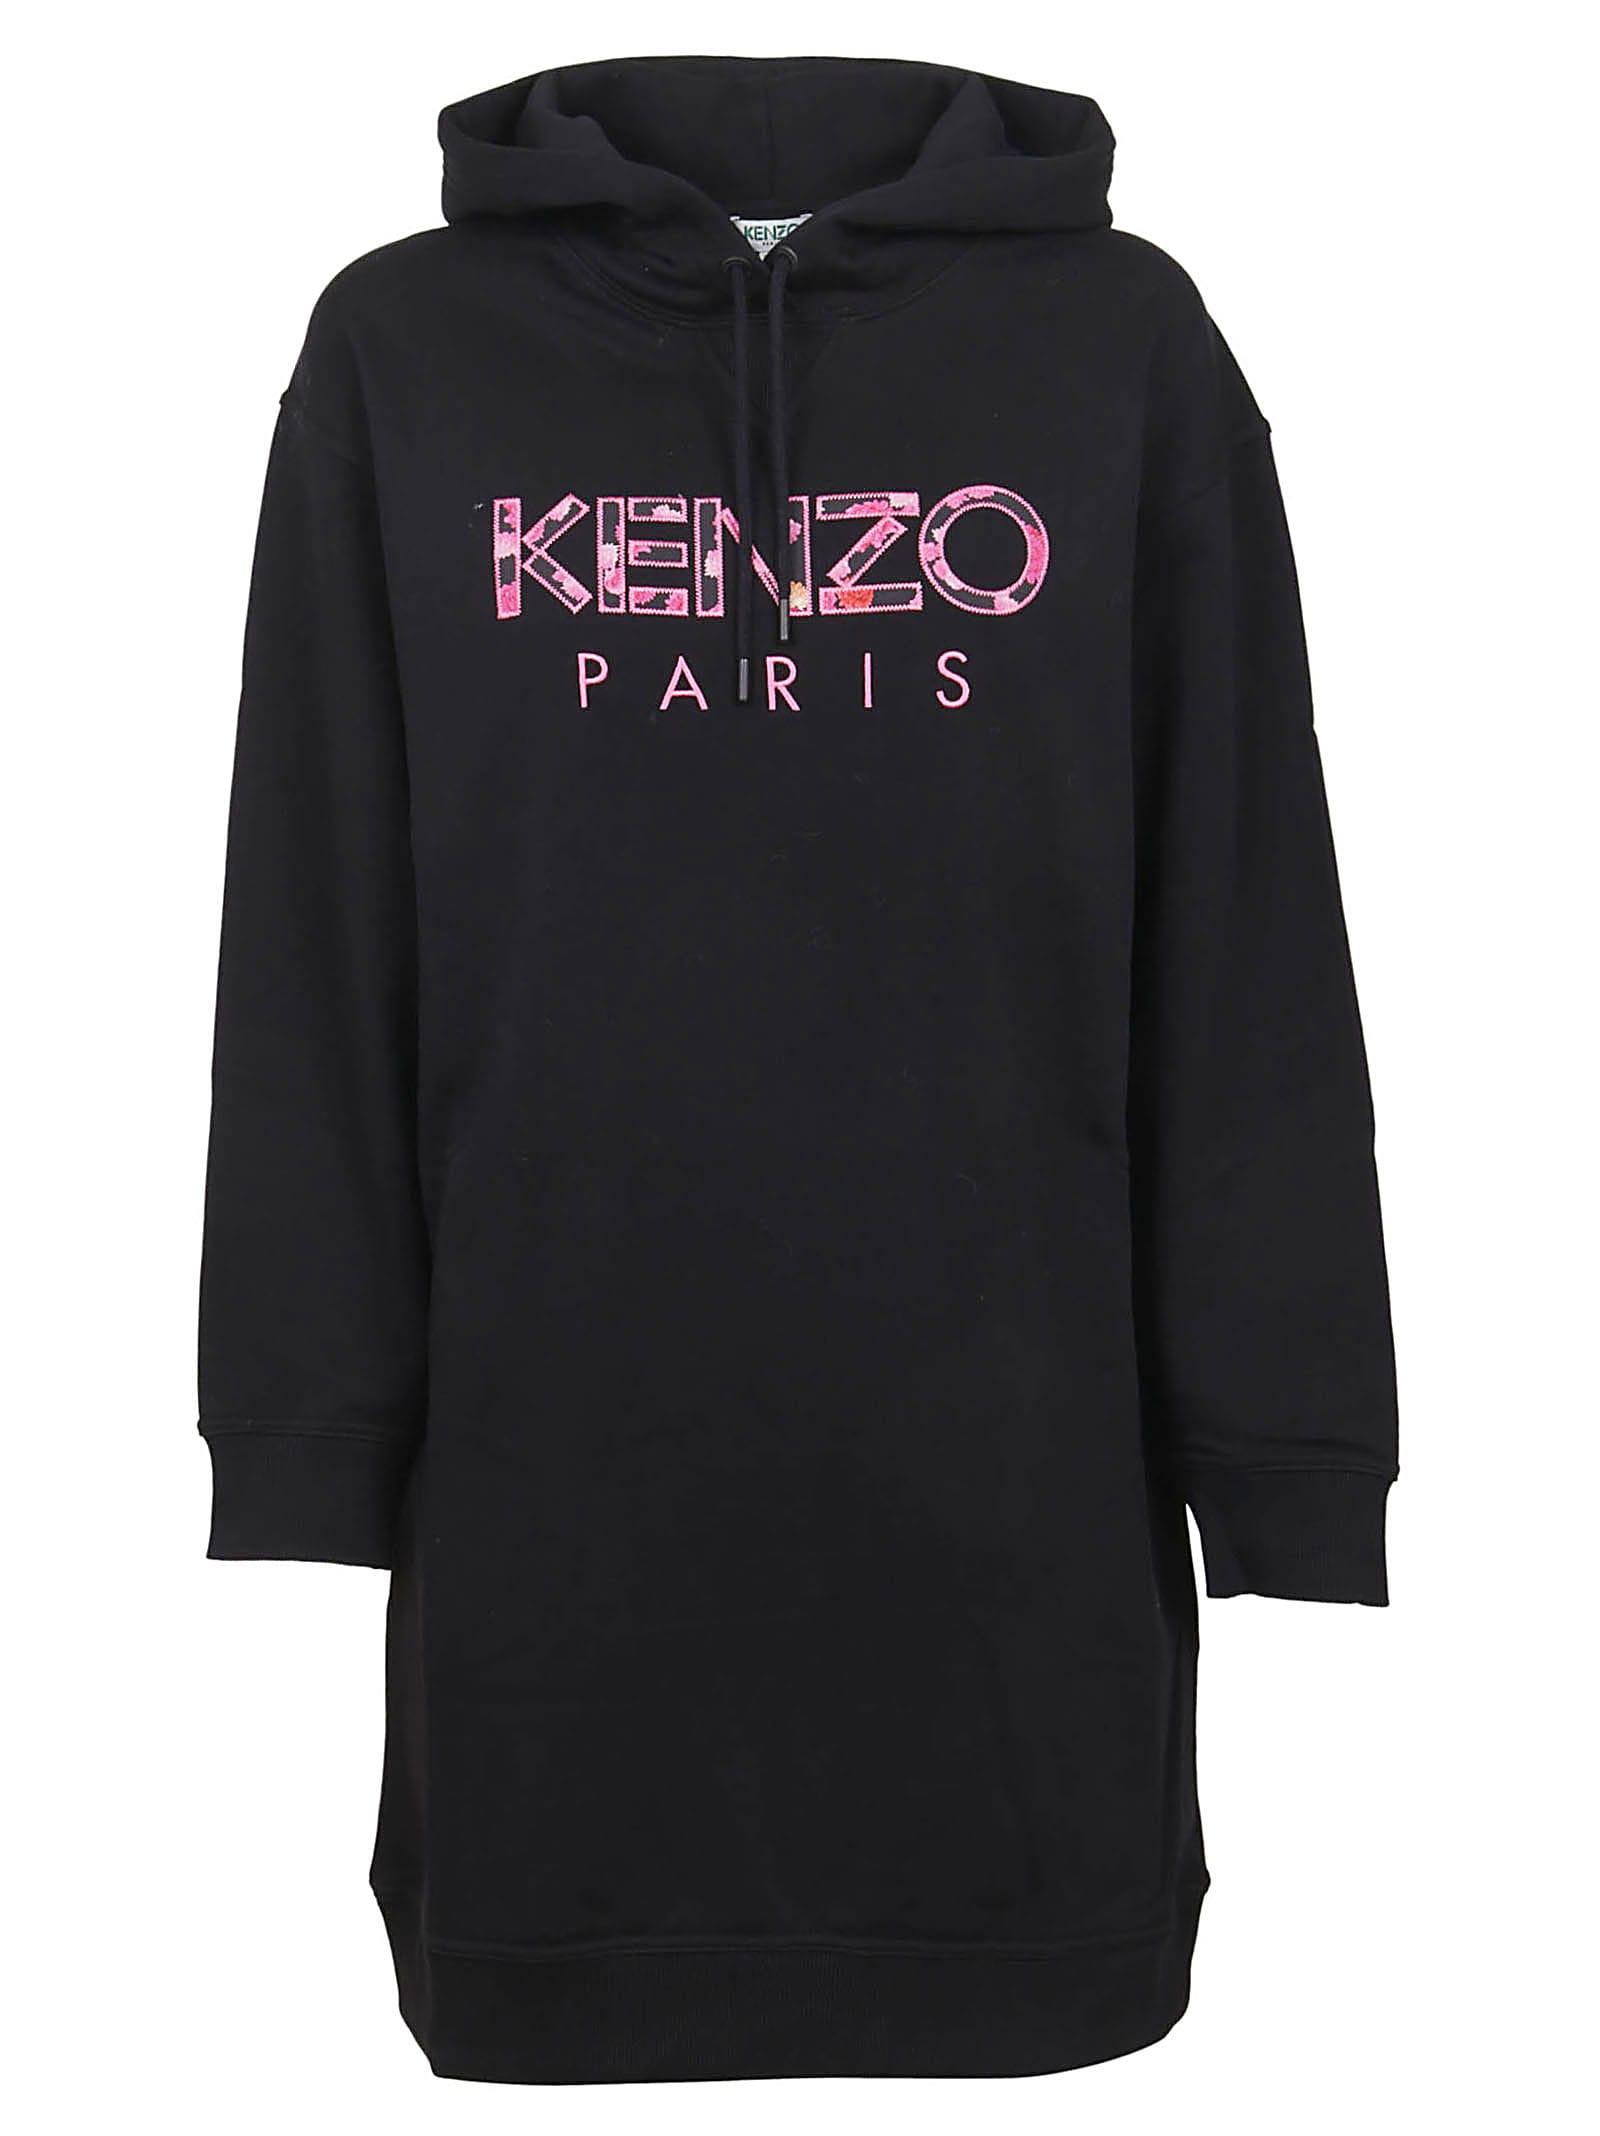 Kenzo Paris Hoodie Dress